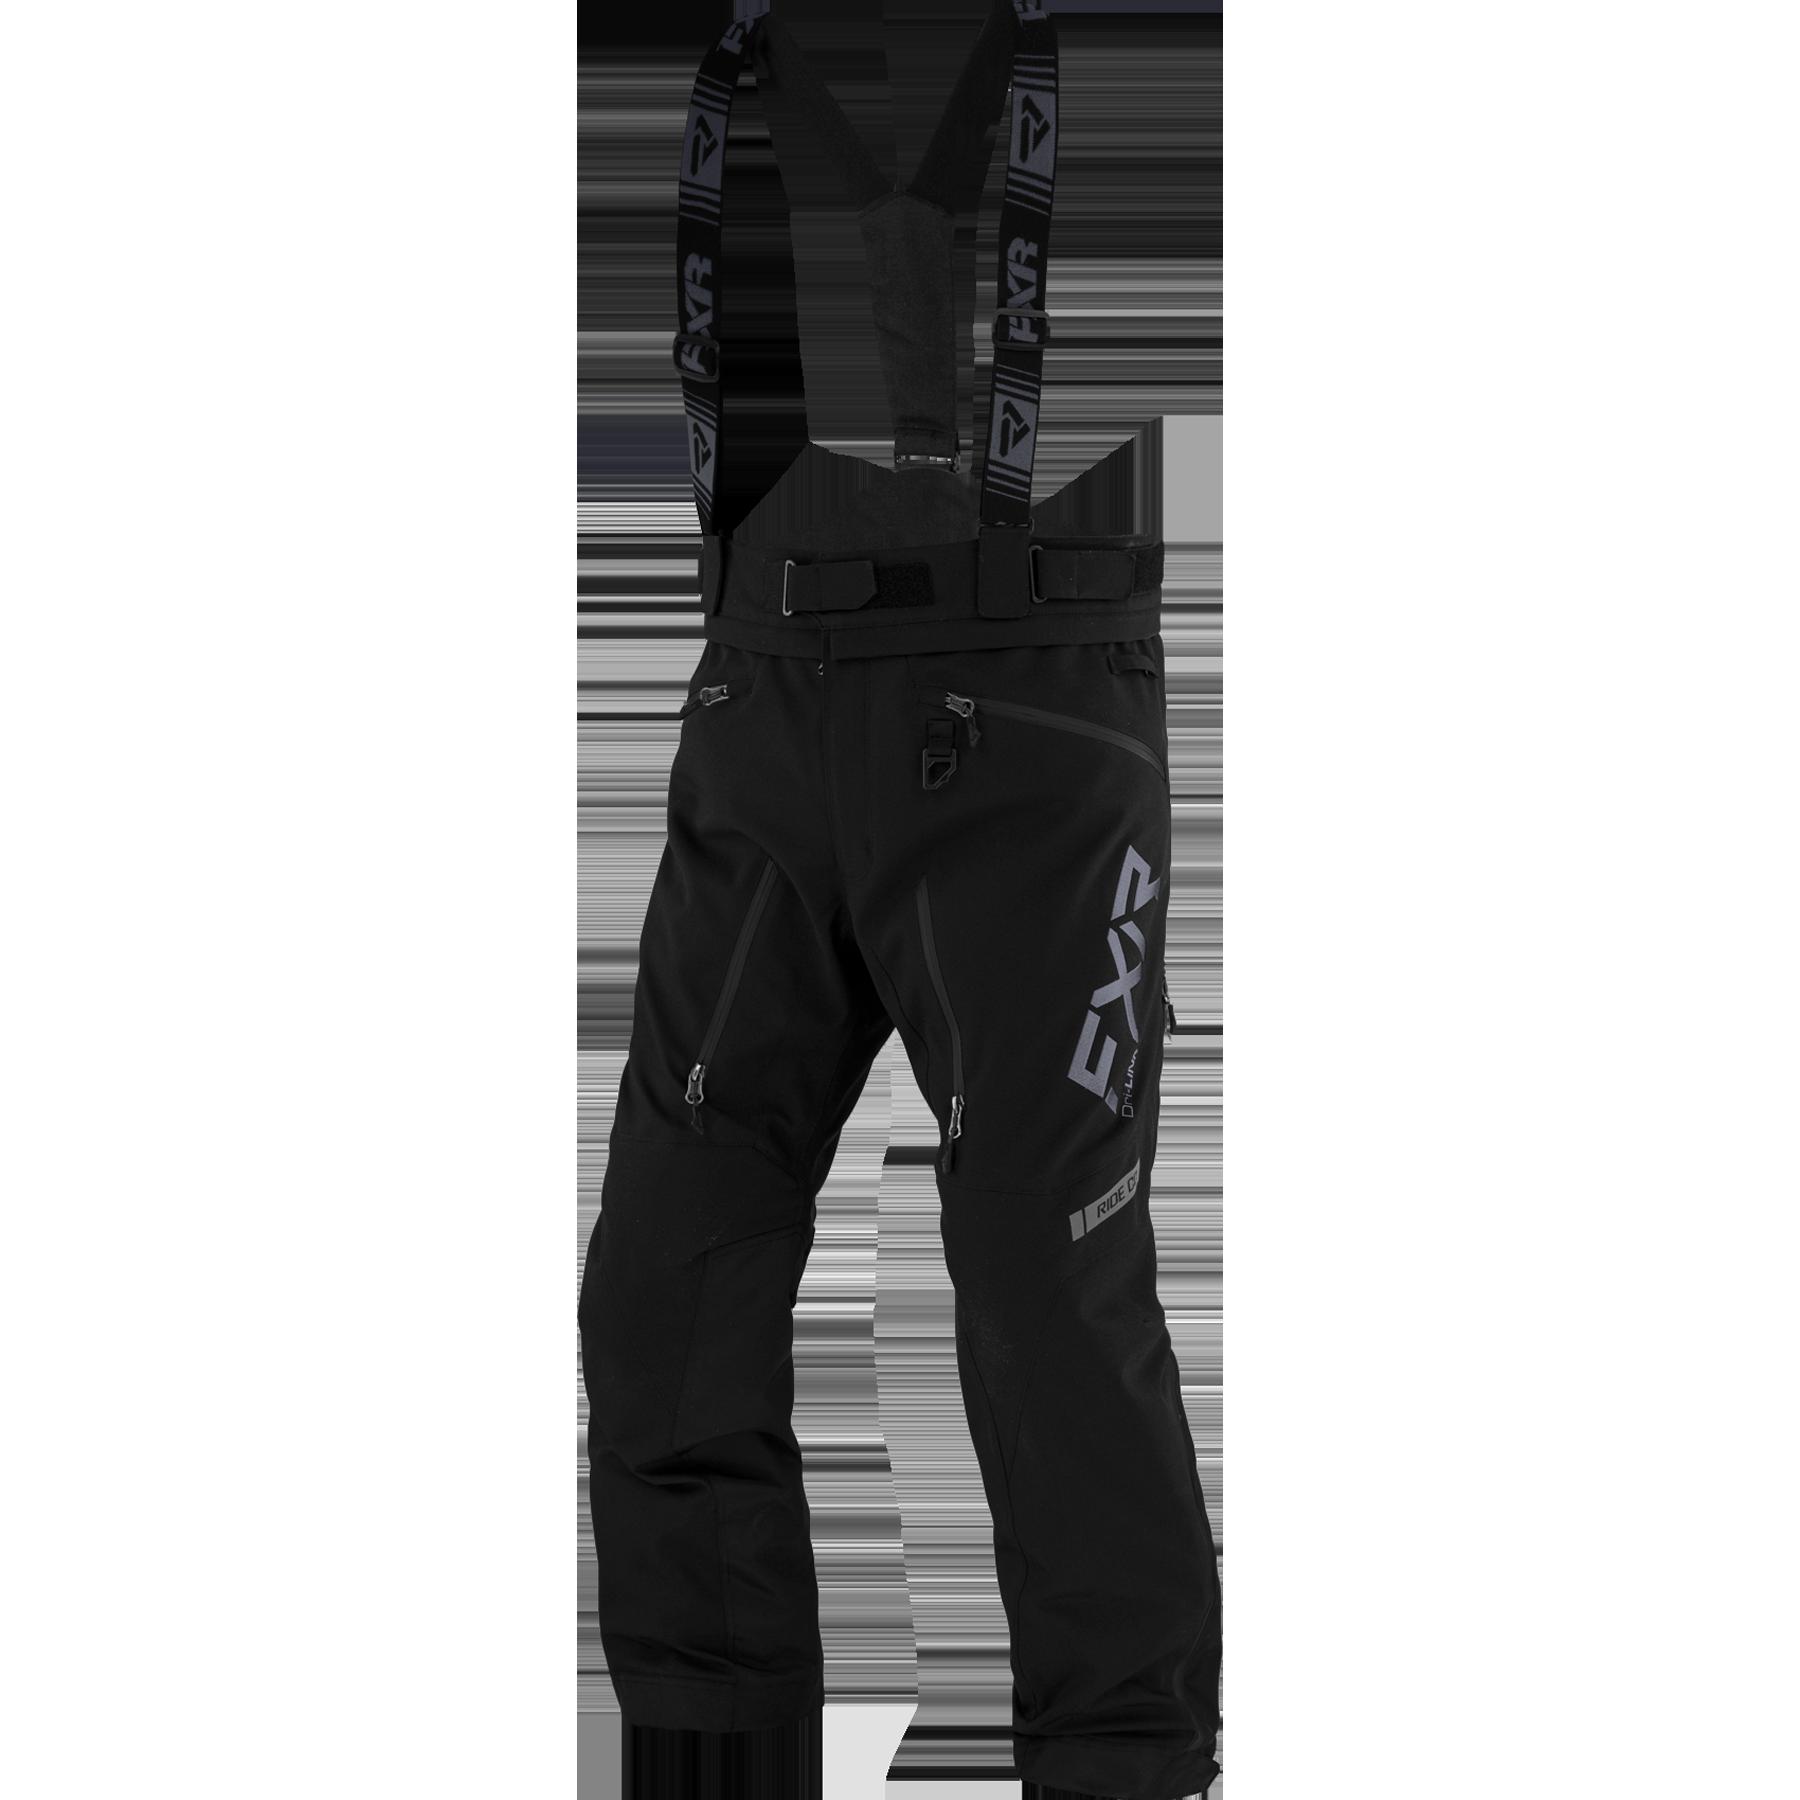 Mssion X Pant 22 KI 5